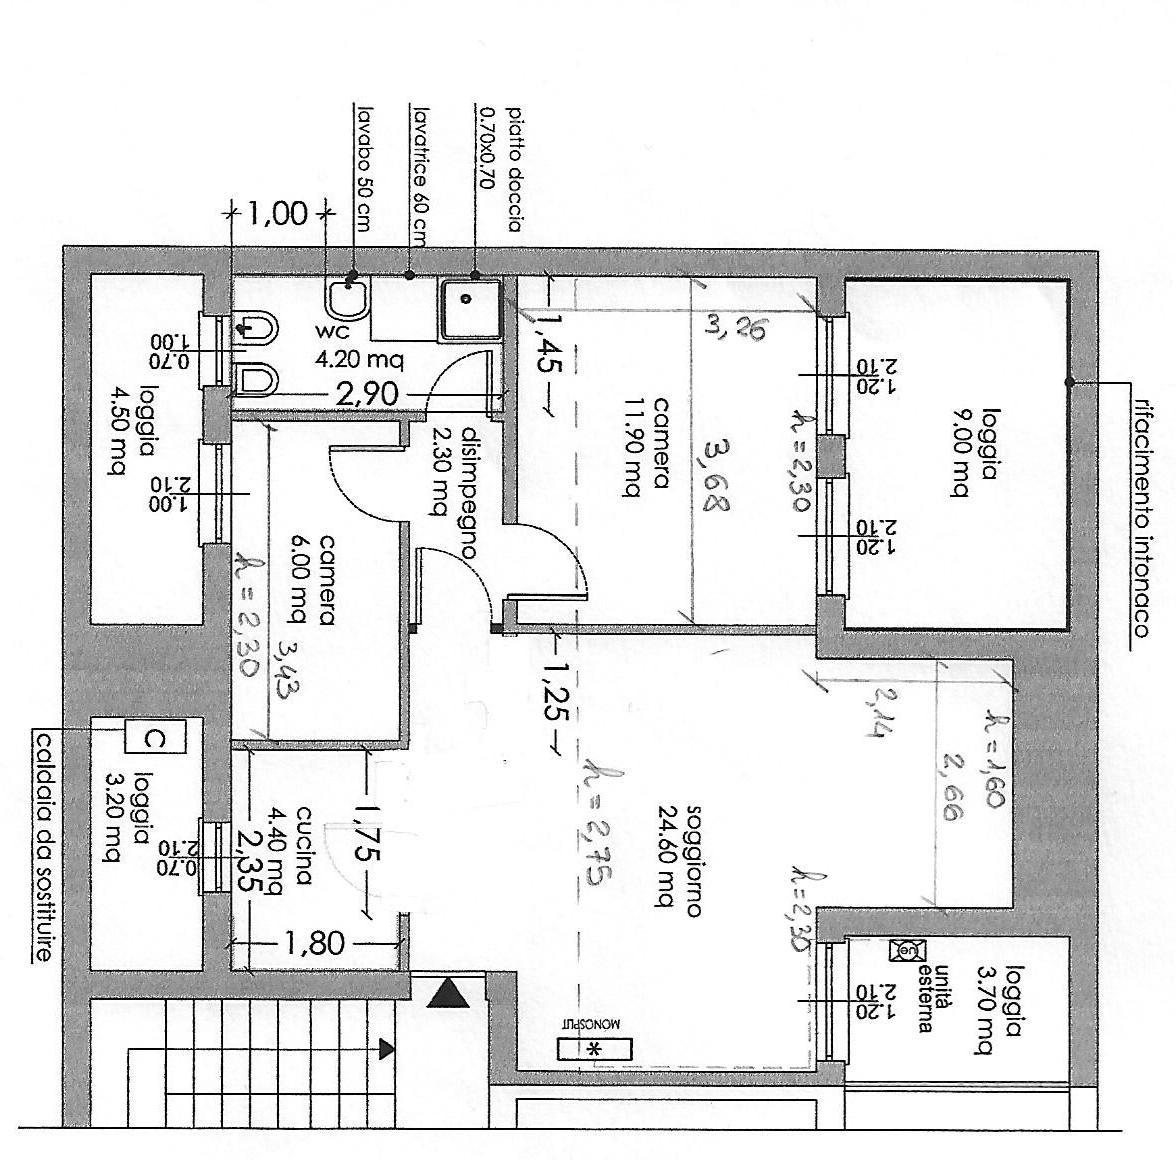 Preventivo armadi guardaroba mobili casa arredamento for Preventivo arredamento